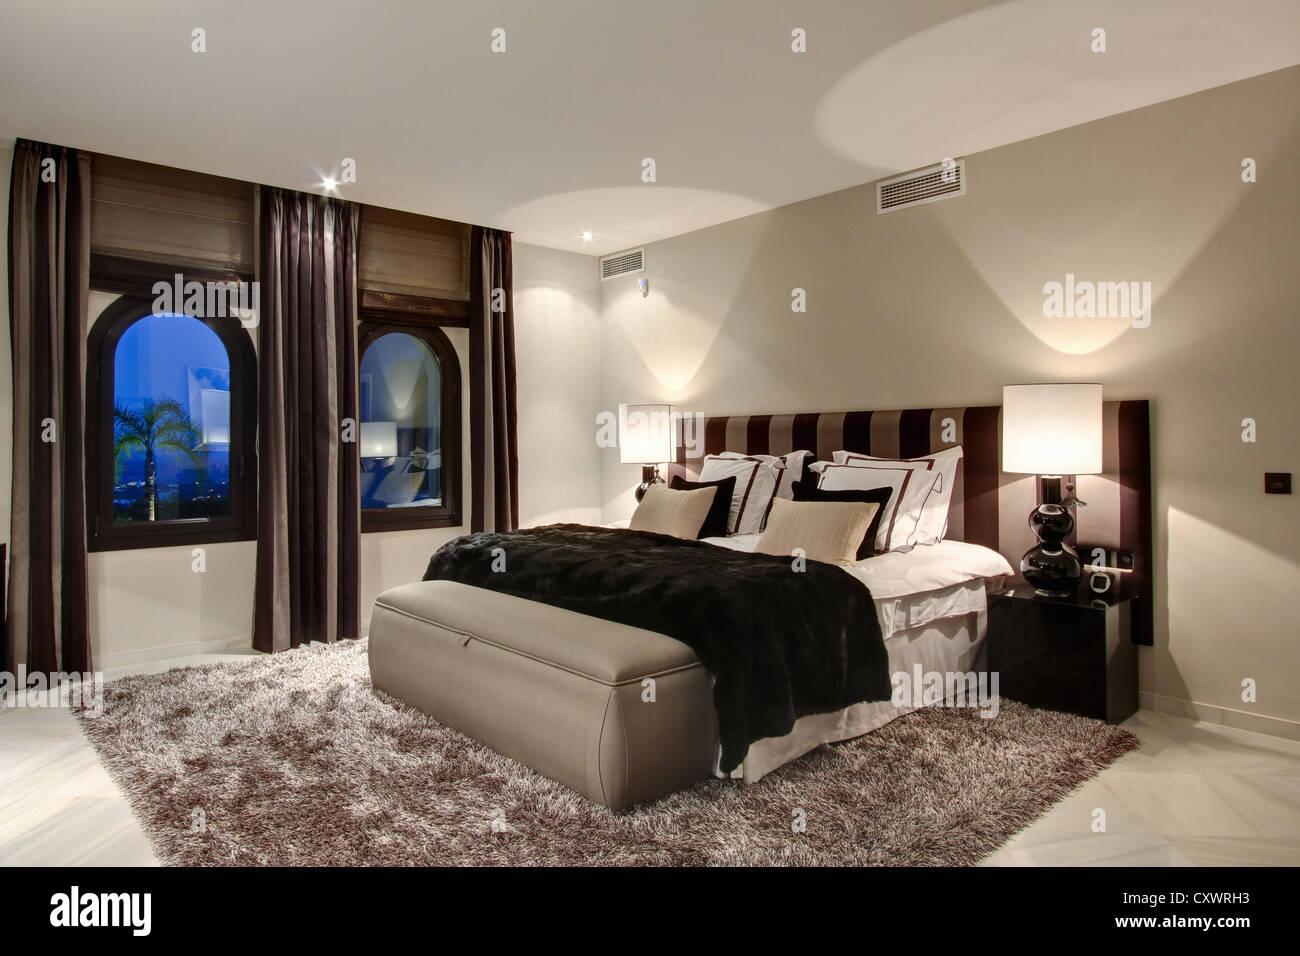 Cama y ventanas de dormitorio moderno Imagen De Stock